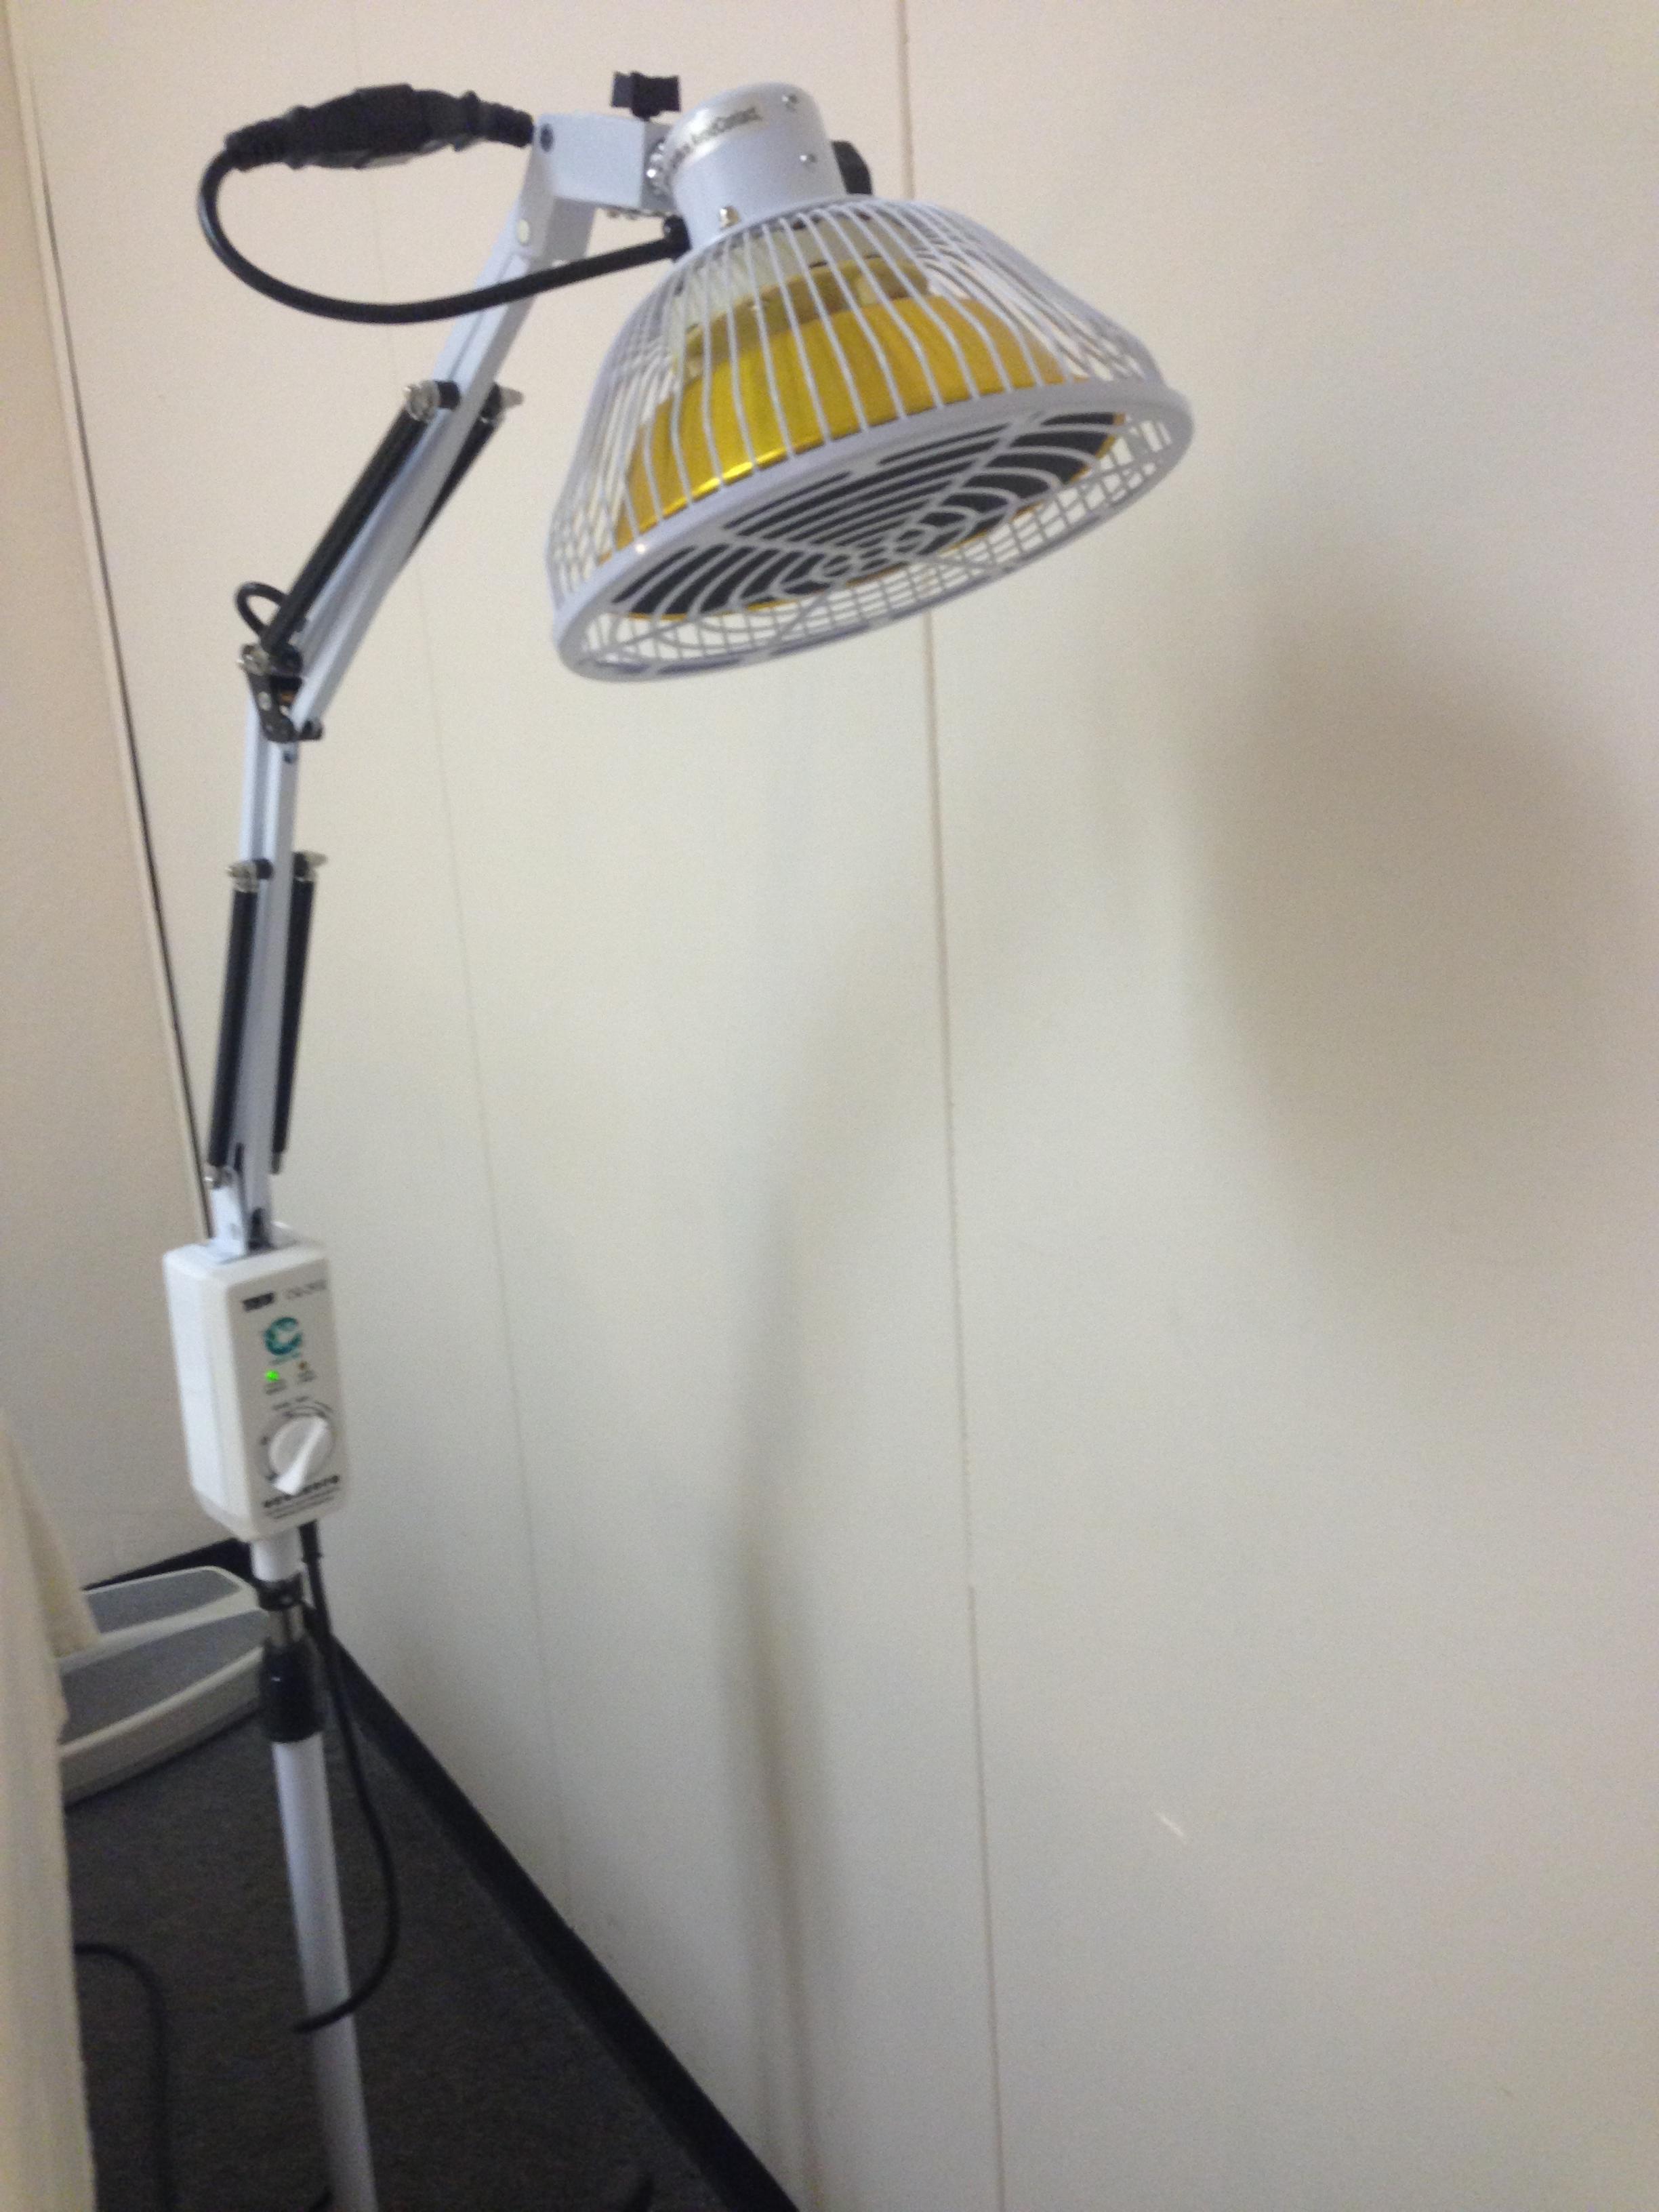 acupuncture-heat-lamp-photo-12